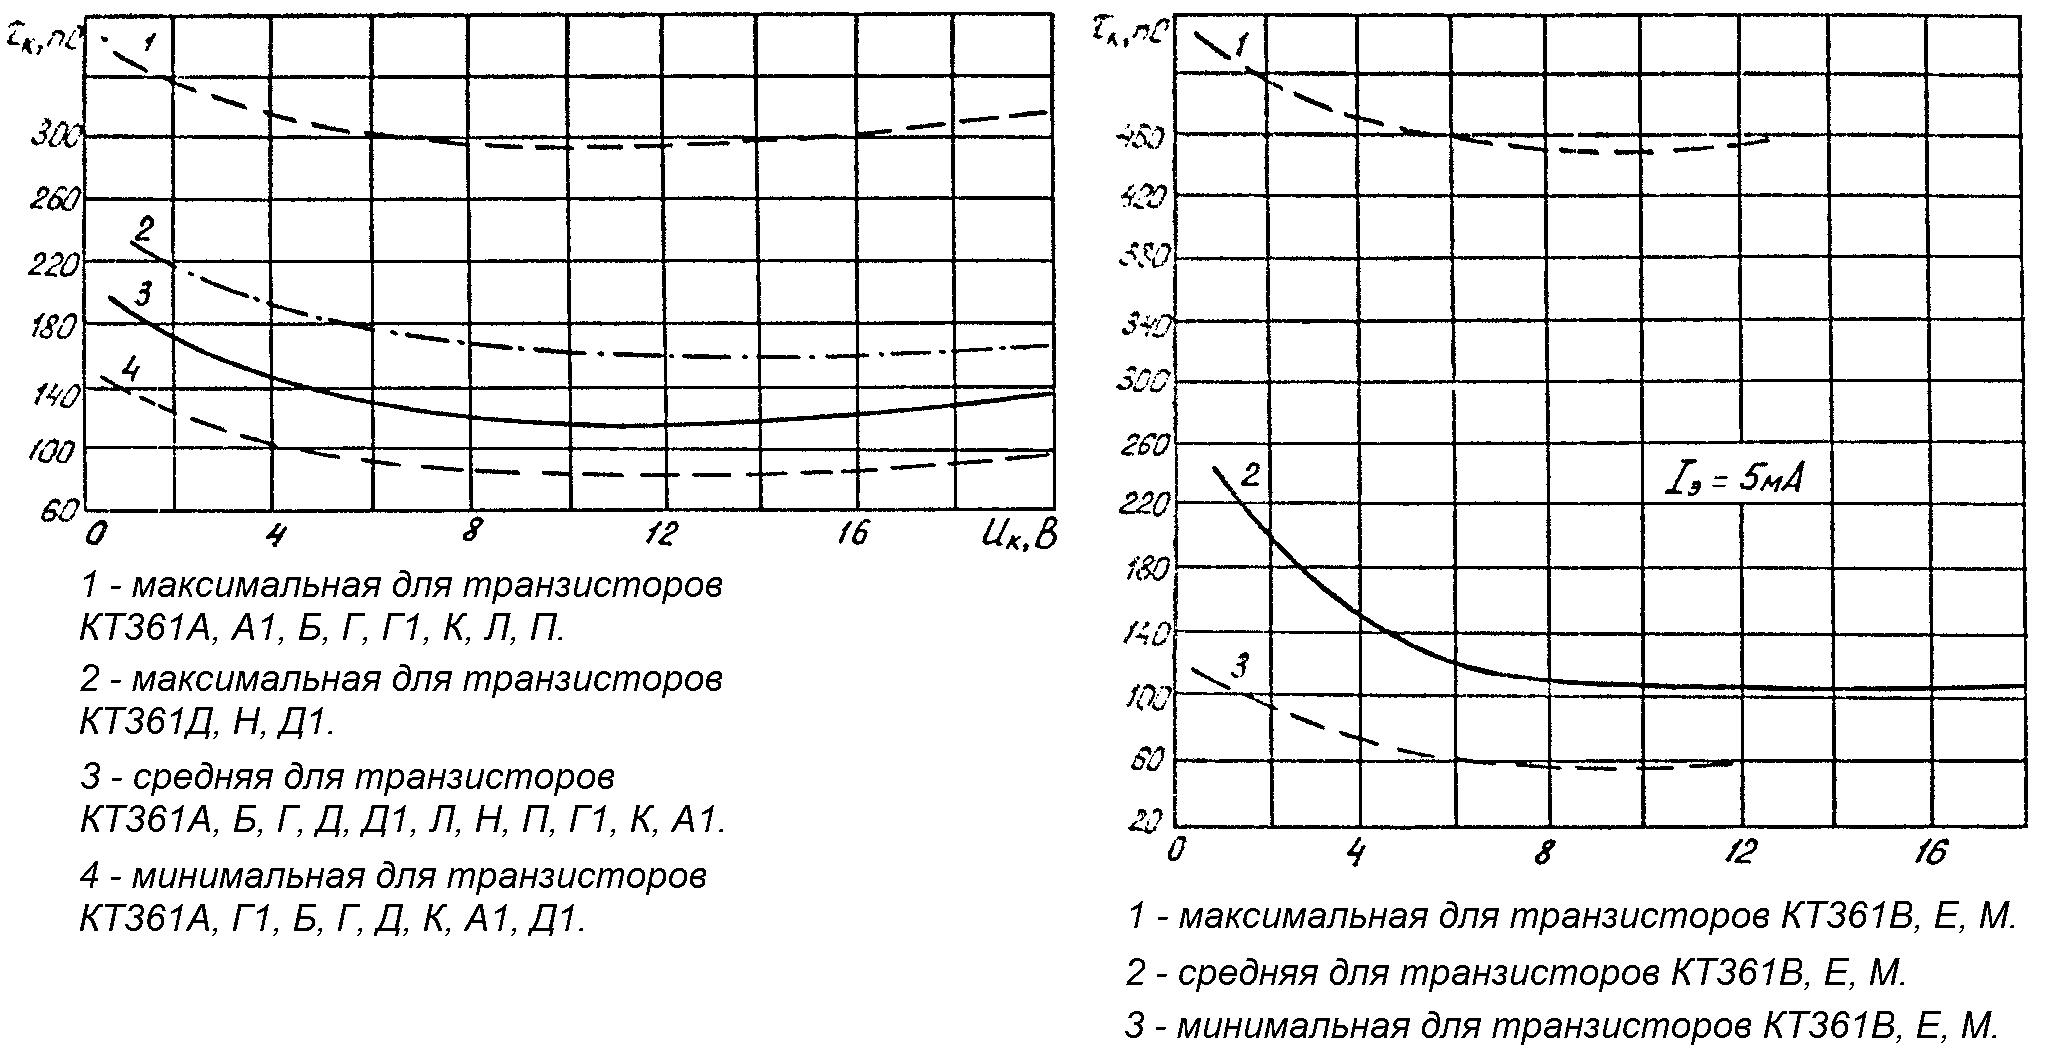 Зависимость постоянной времени цепи обратной связи на высокой частоте от напряжения на коллекторе транзистора КТ361 с 95% разбросом